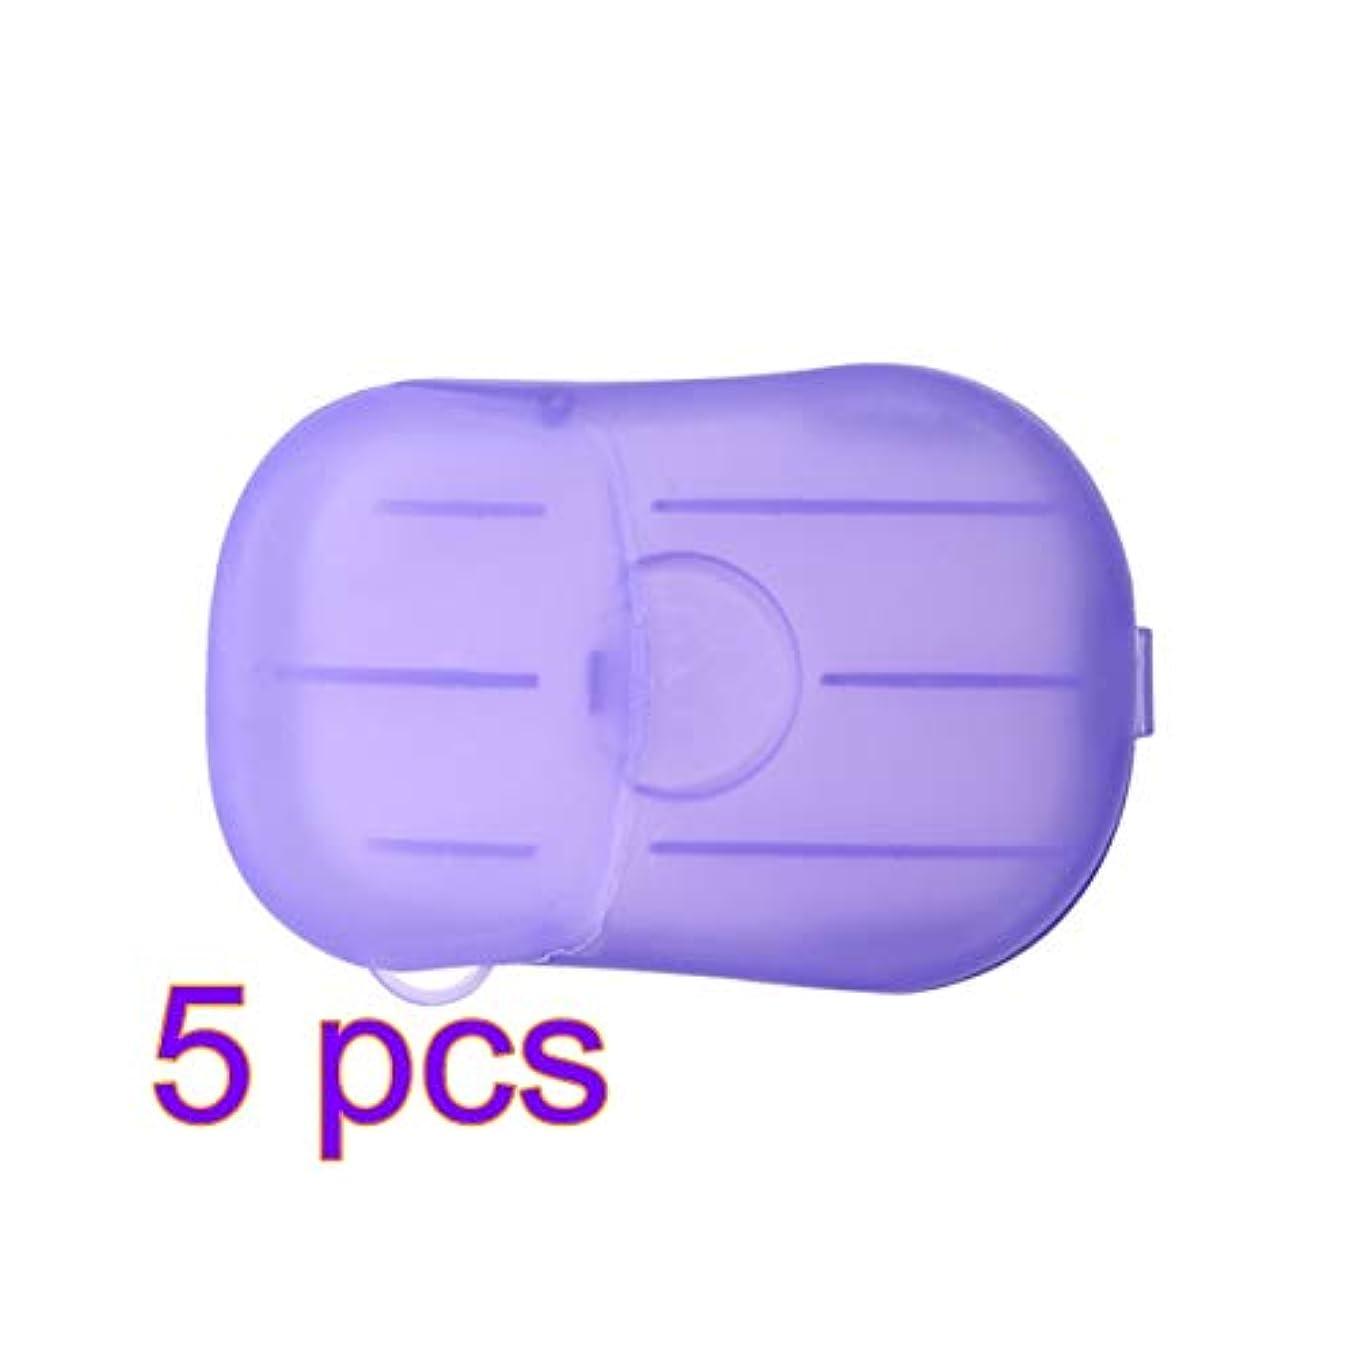 れる音節七面鳥LIOOBO 5セットポータブルソープペーパー使い捨て手洗いペーパーソープスライスシーツ子供用大人トイレ旅行屋外用(パープル)